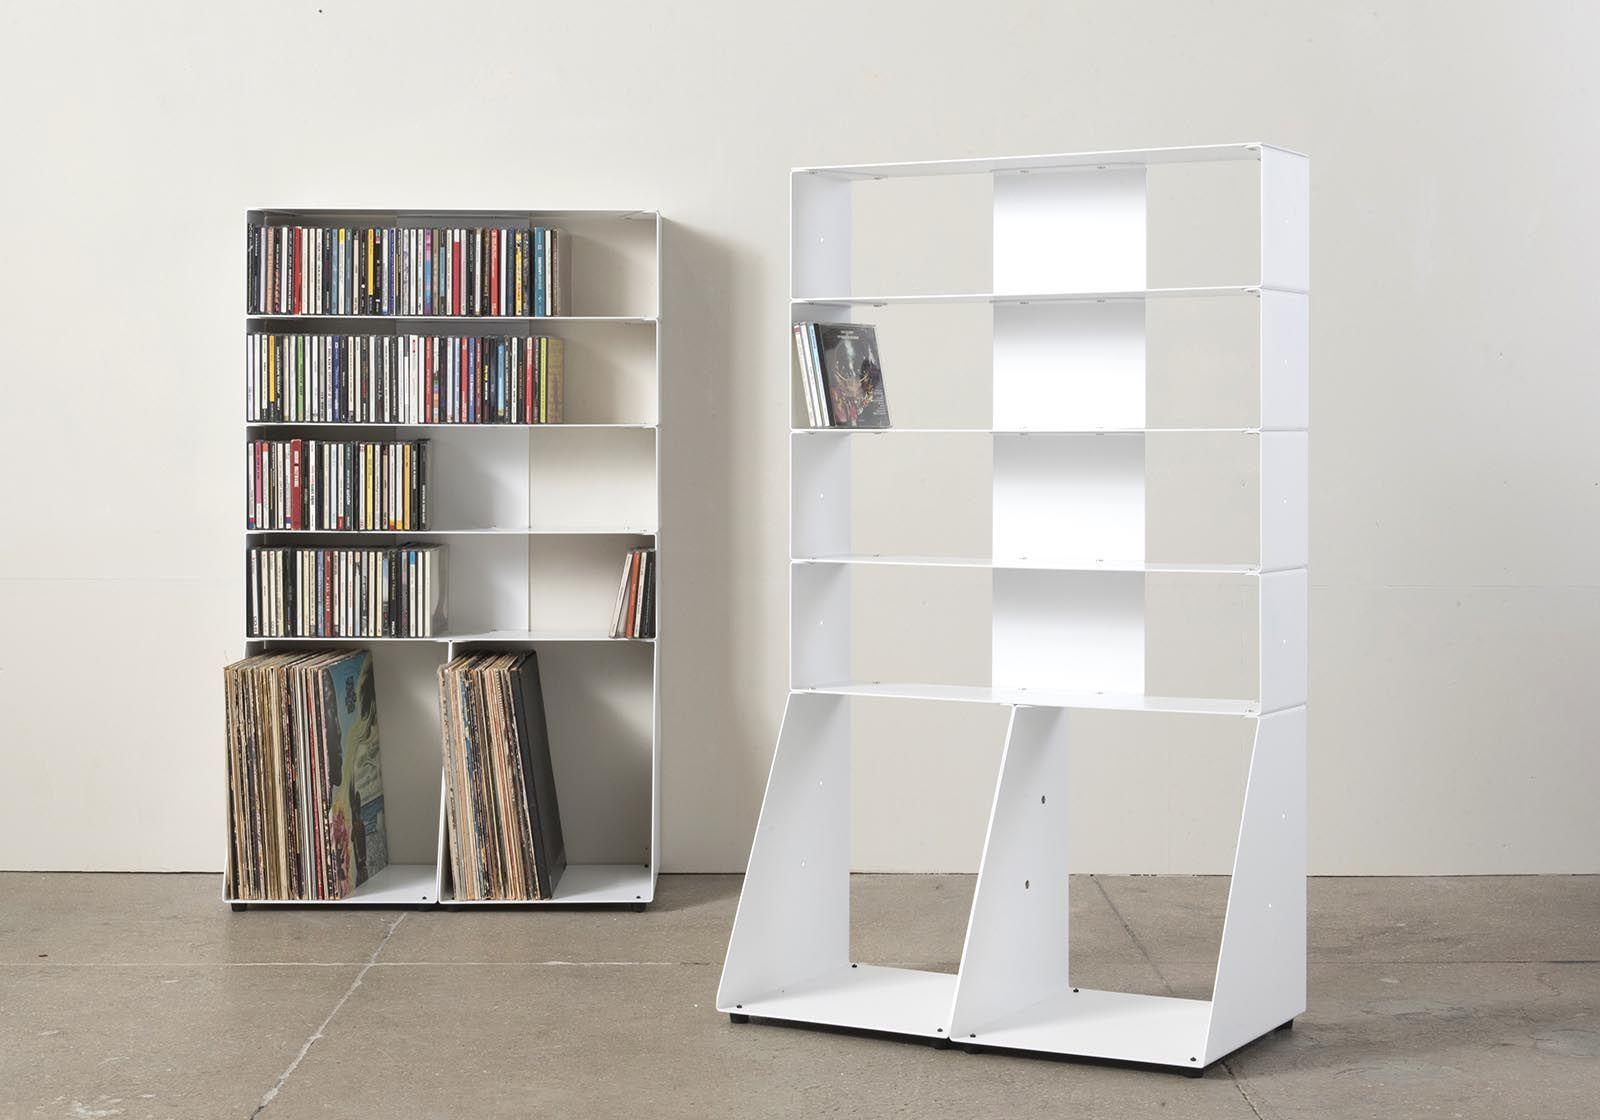 meuble cd  u0026 vinyle 5 niveaux 60x95x32 cm